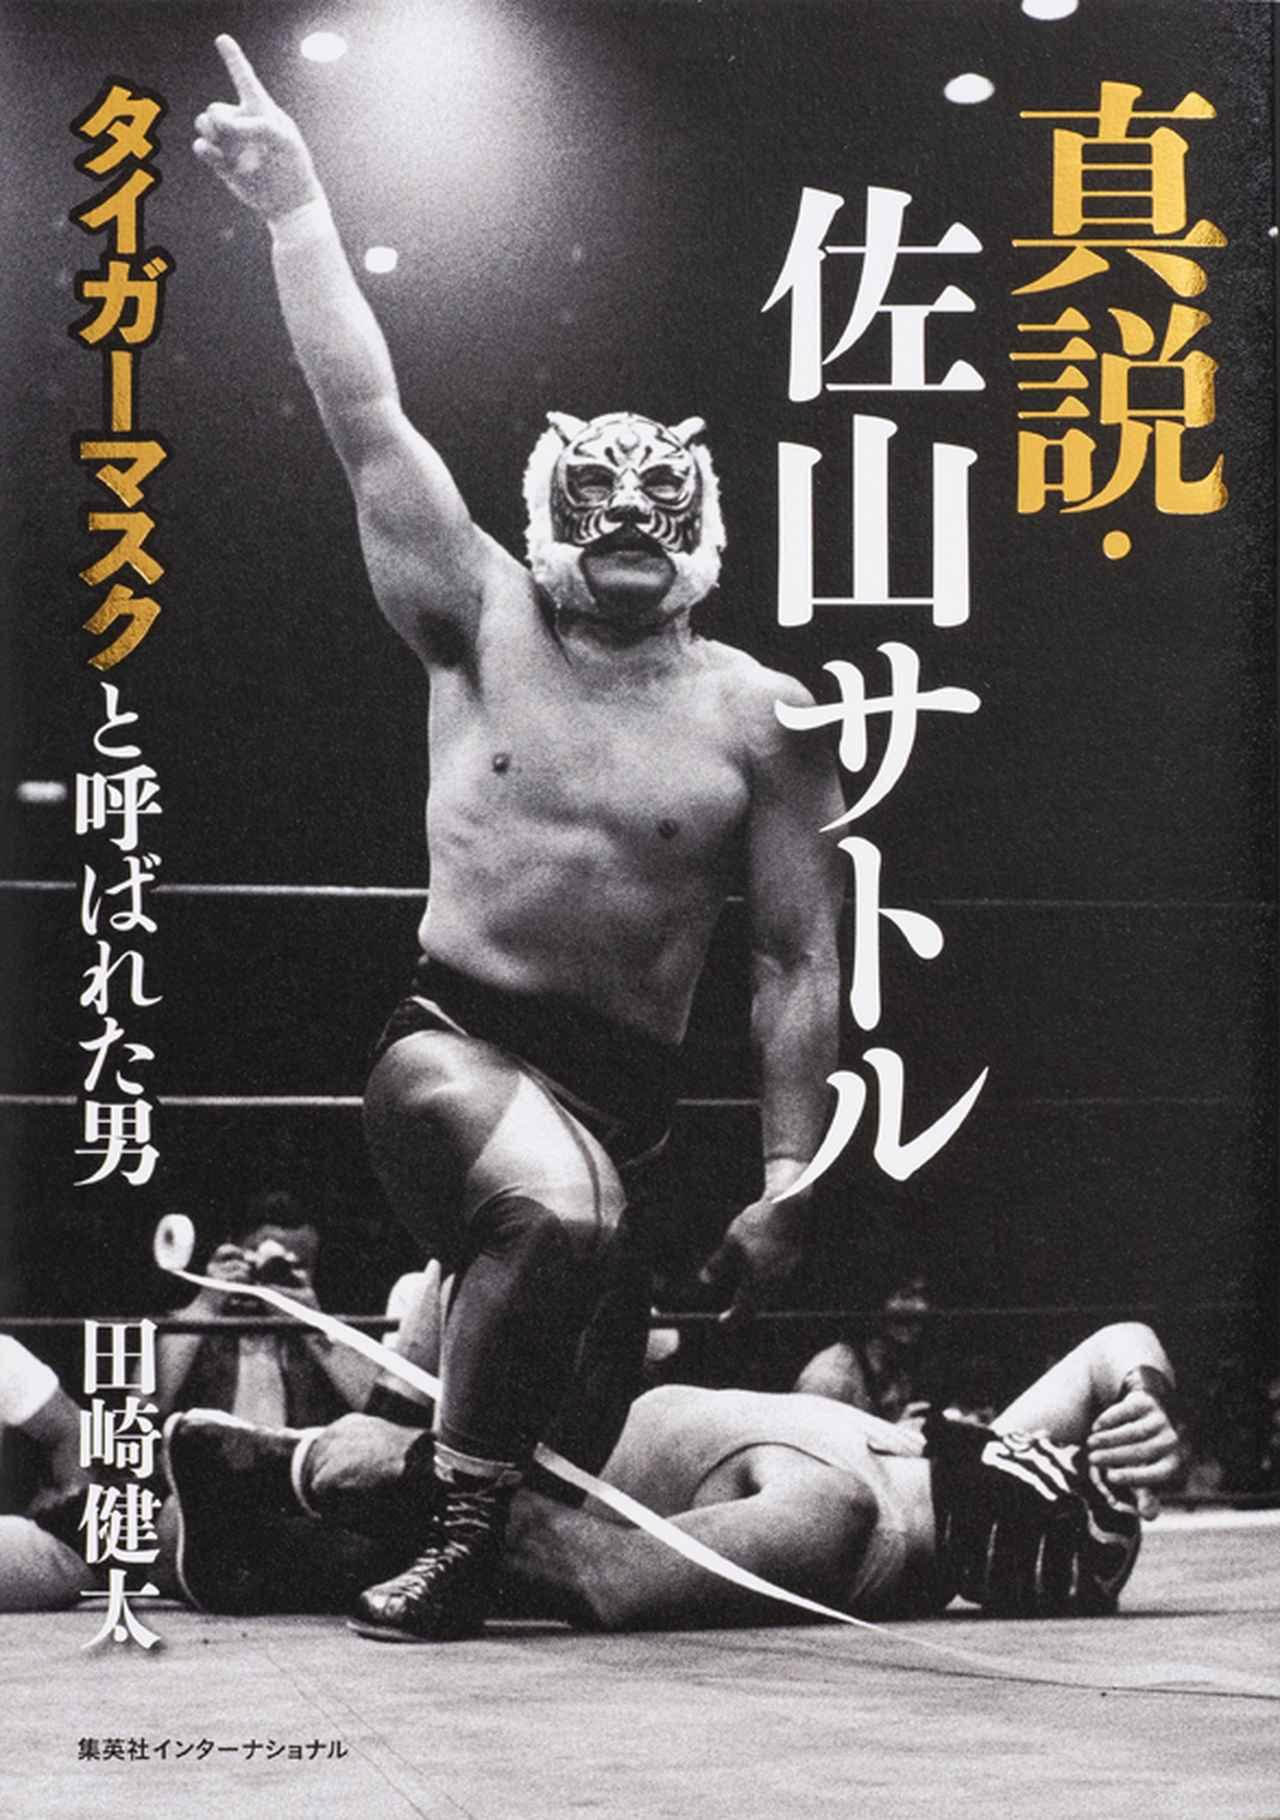 画像: 格闘技ファン必見! MMAのルーツがここに!! 『真説・佐山サトル タイガーマスクと呼ばれた男』発売中